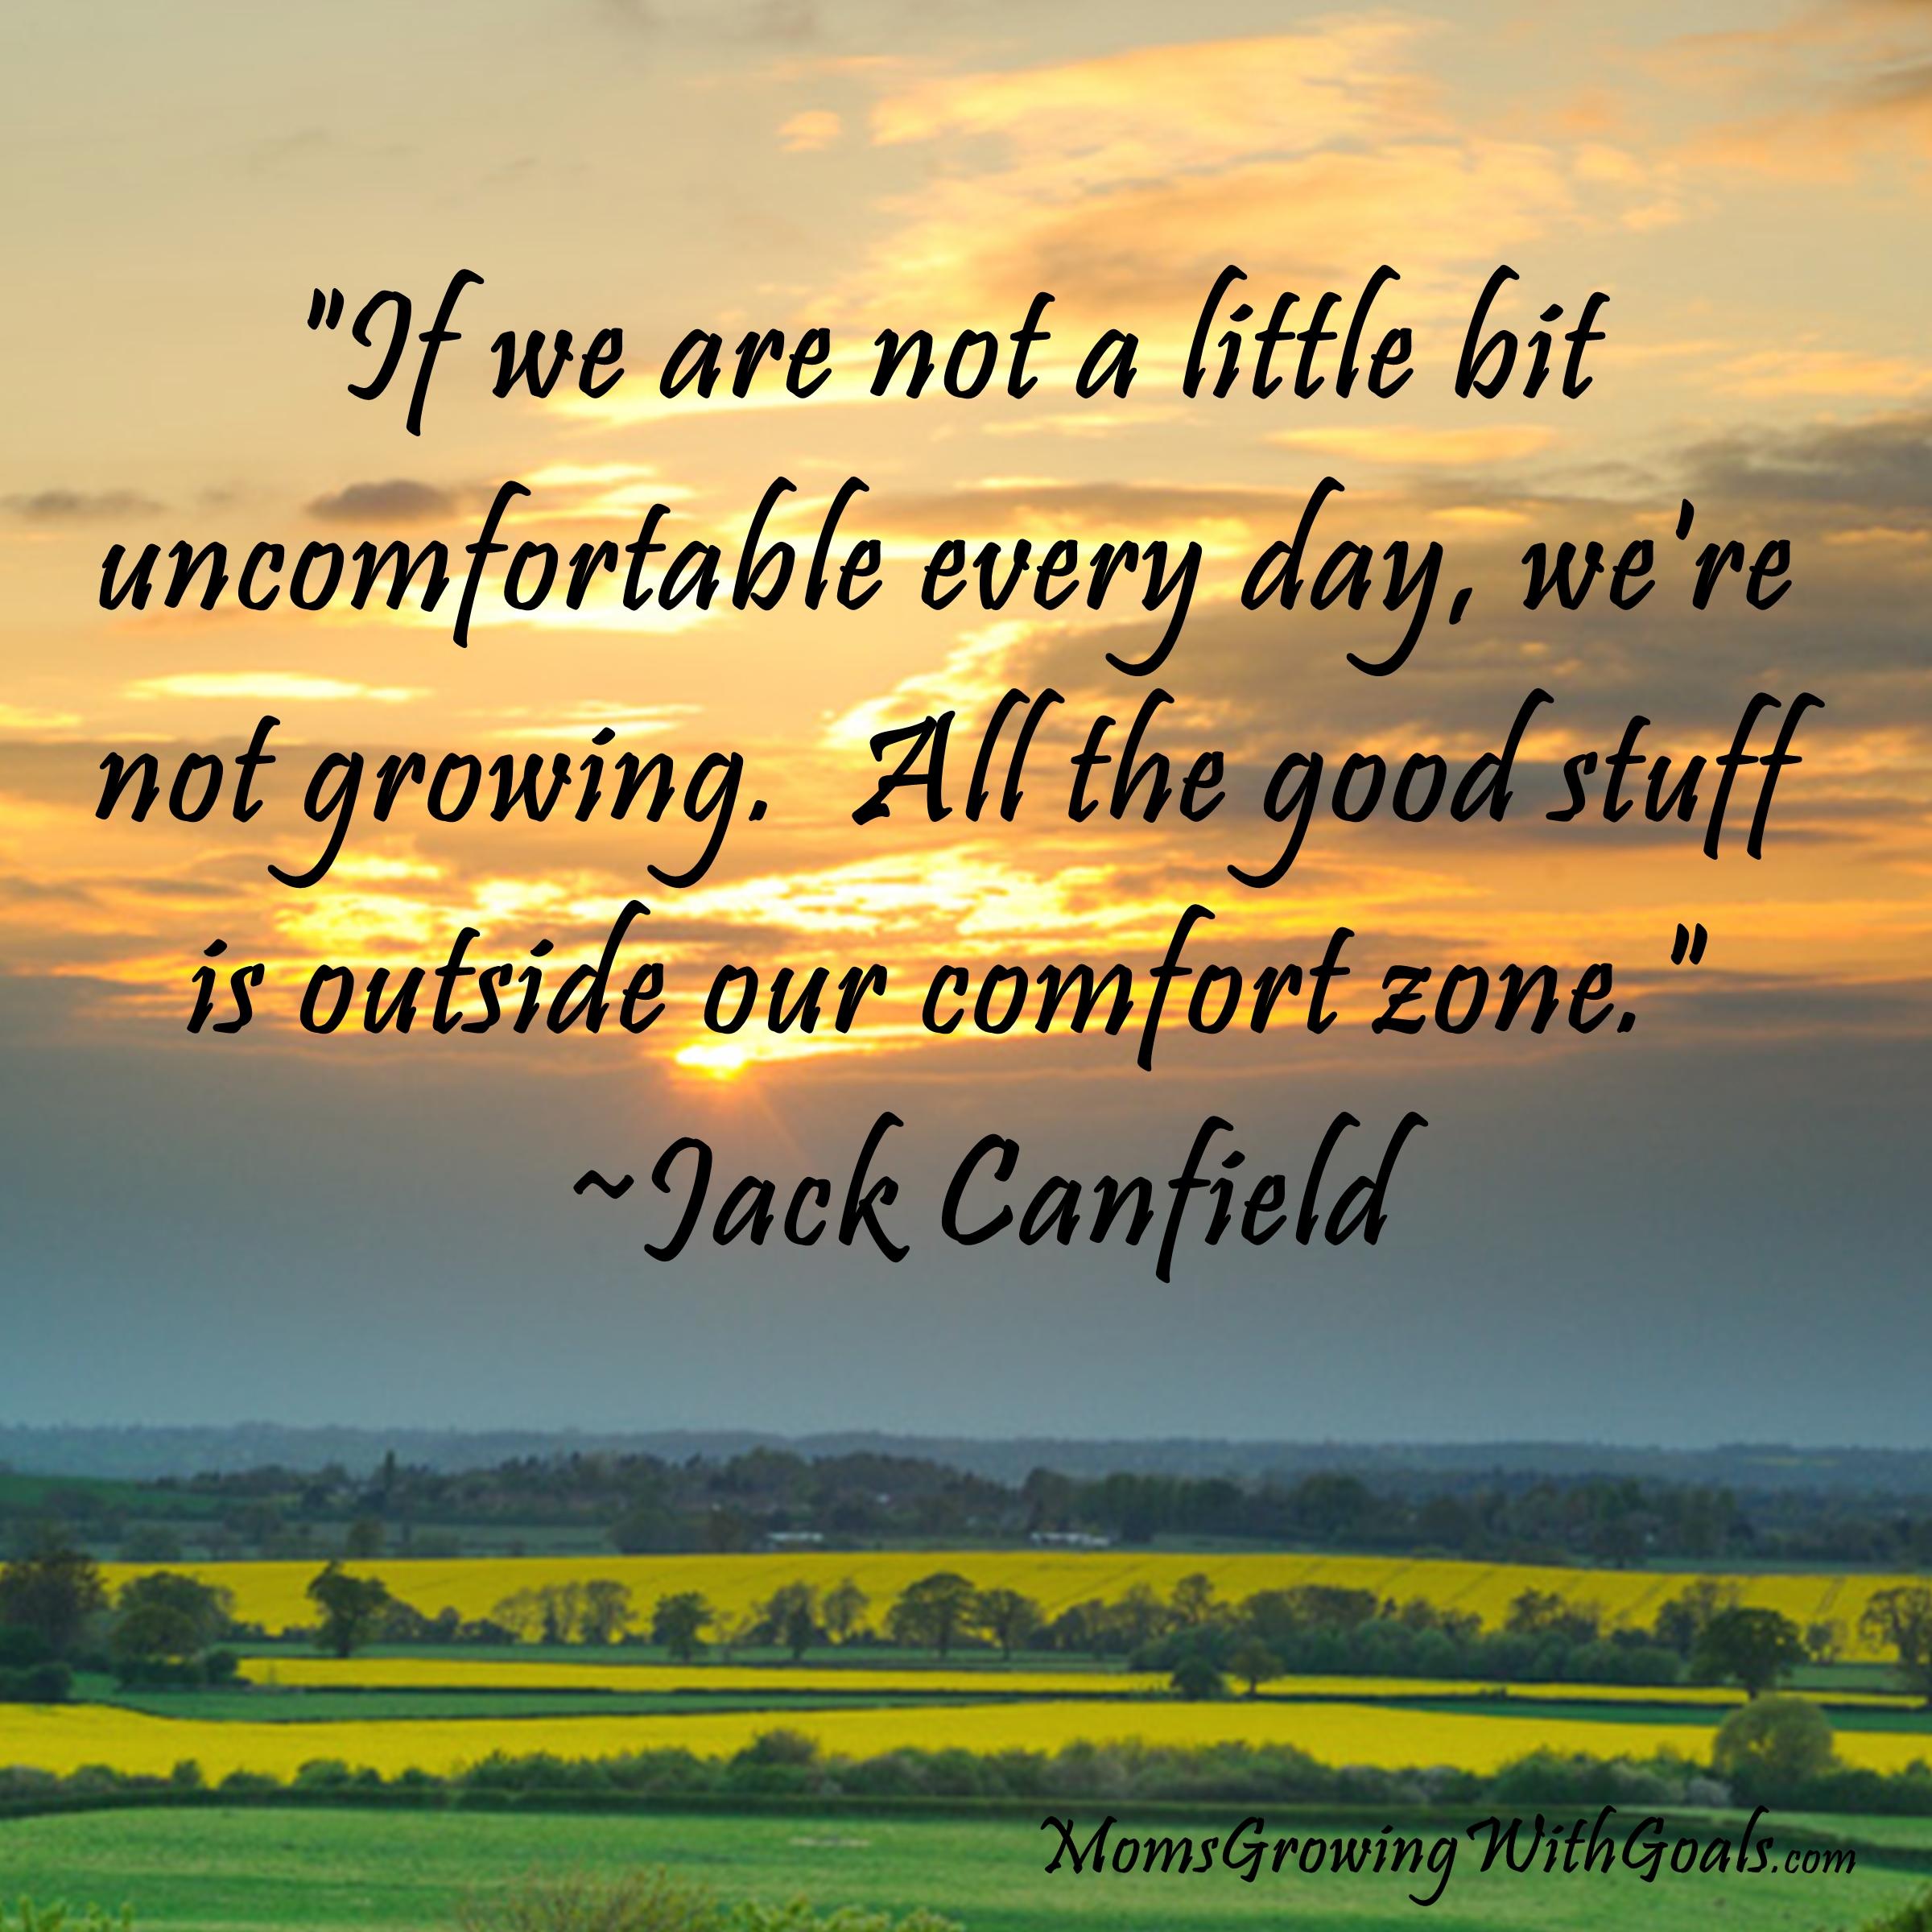 Inspiring quote #4